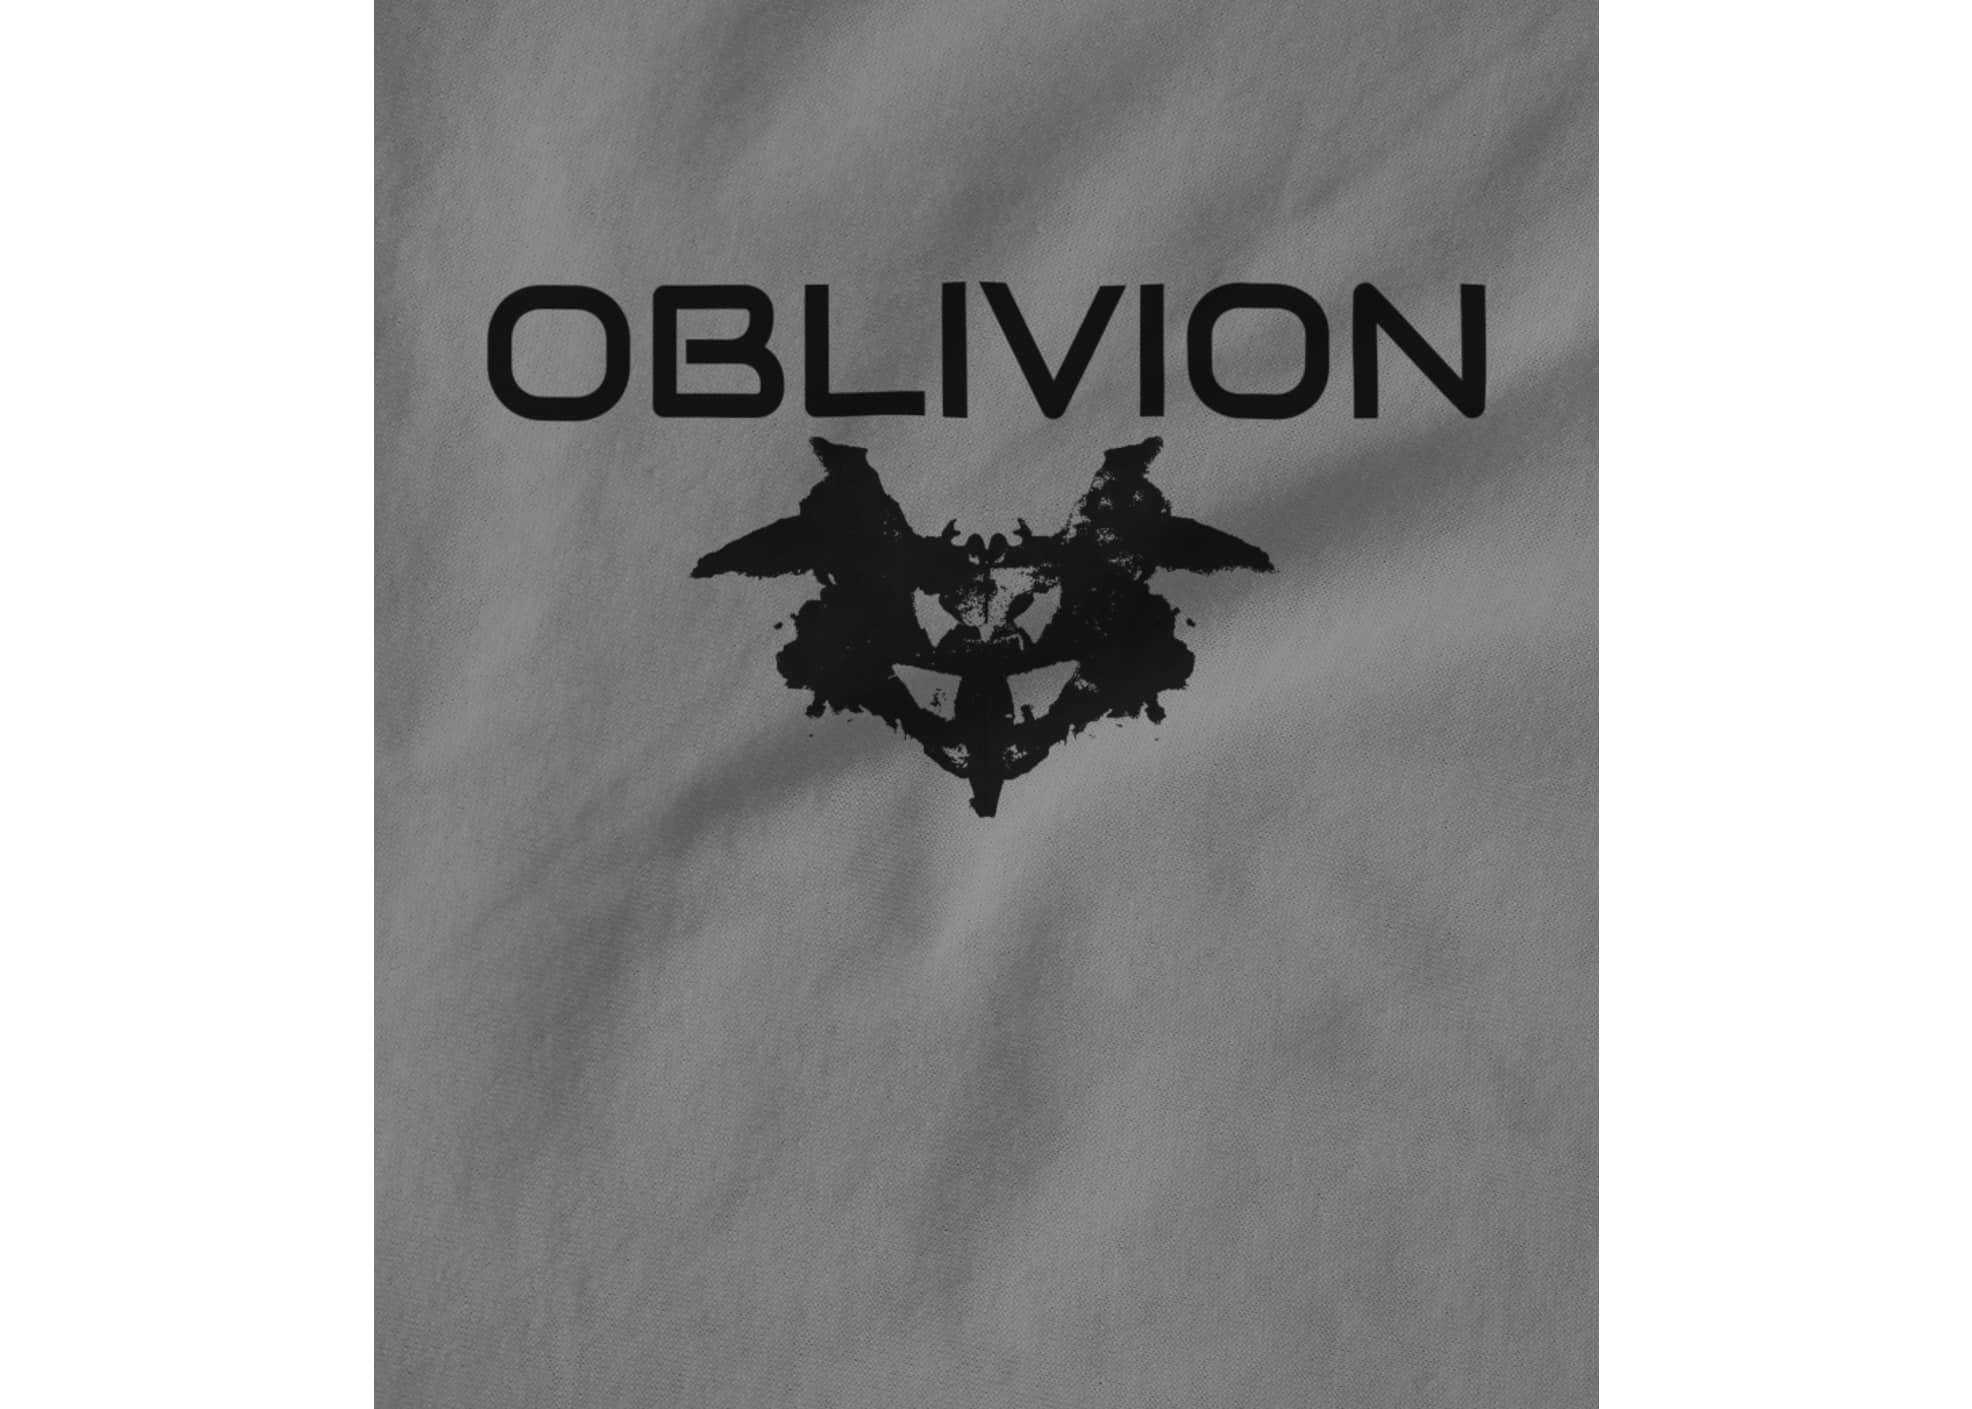 Oblivion oblivion test 1527350761